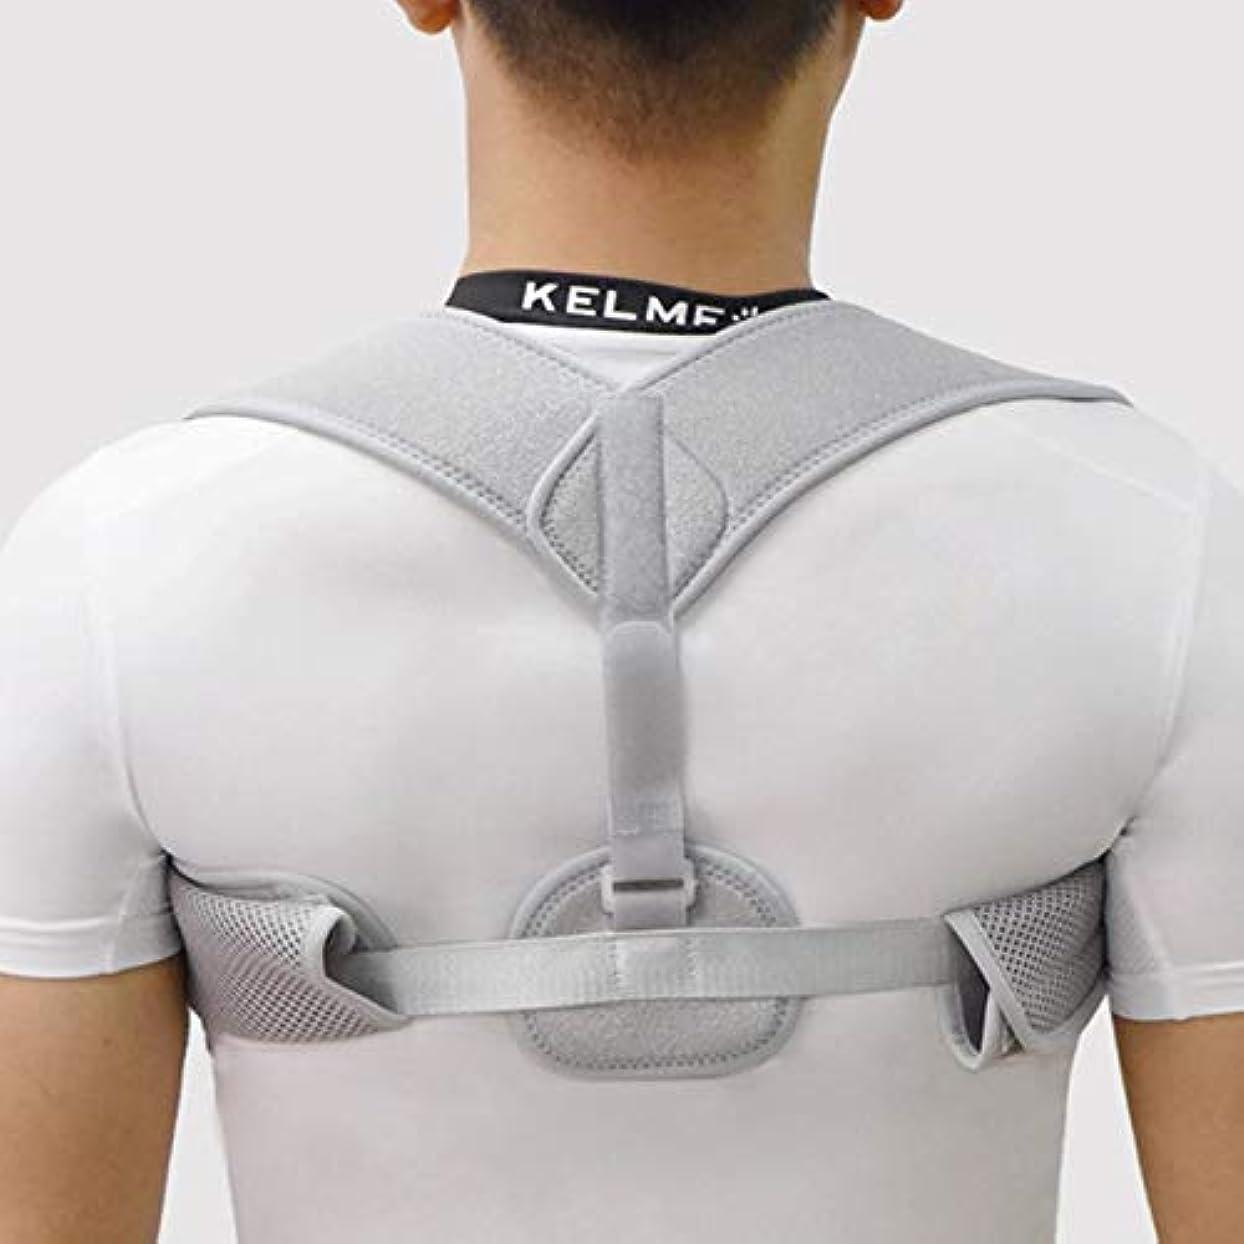 キュービック付録証書新しいアッパーバックポスチャーコレクター姿勢鎖骨サポートコレクターバックストレート肩ブレースストラップコレクター耐久性 - グレー